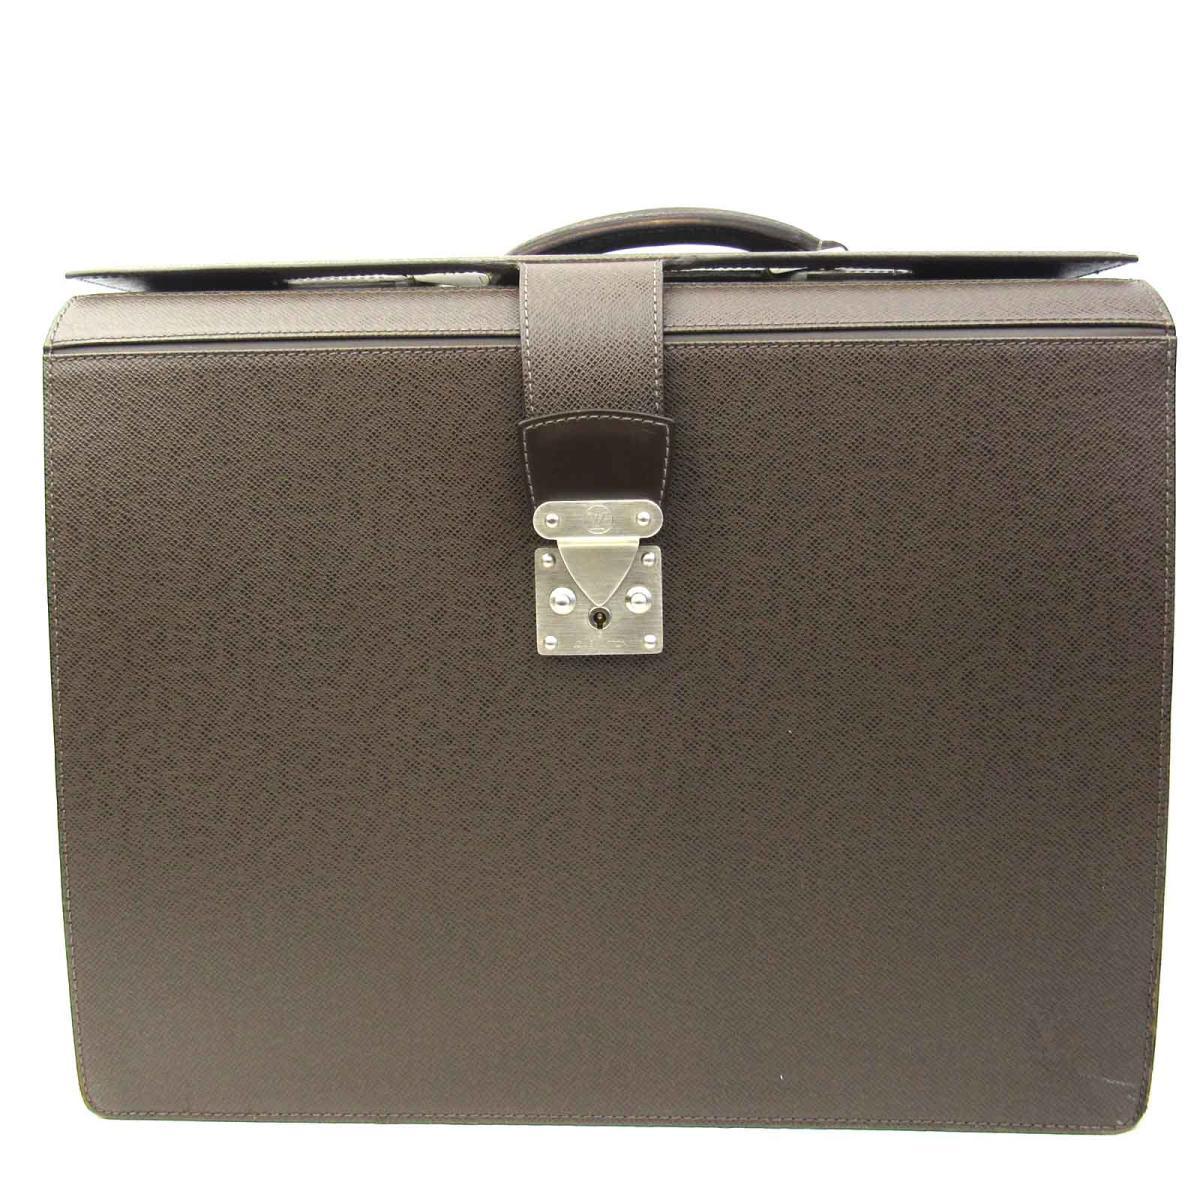 【中古】ルイヴィトン ピロットケース・ウラル ビジネスバッグ バッグ メンズ タイガ グリズリ (M30028)